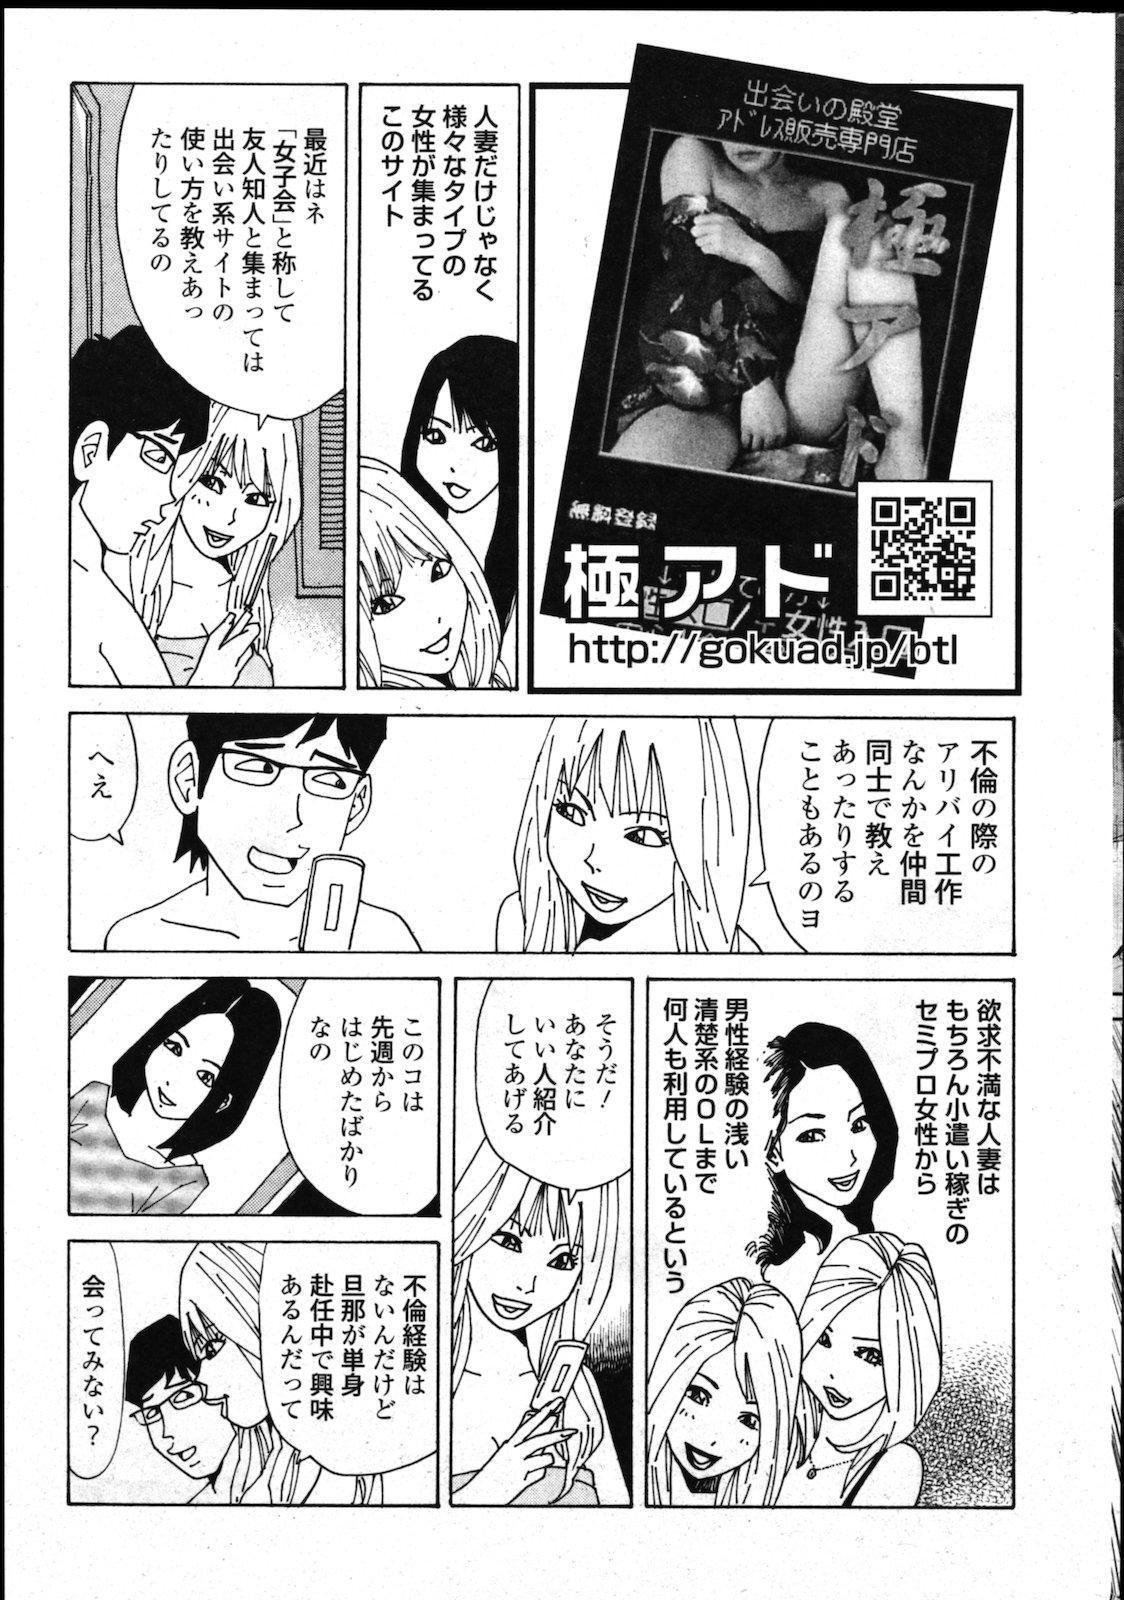 COMIC Shitsurakuten Vol.02 2011-08 252